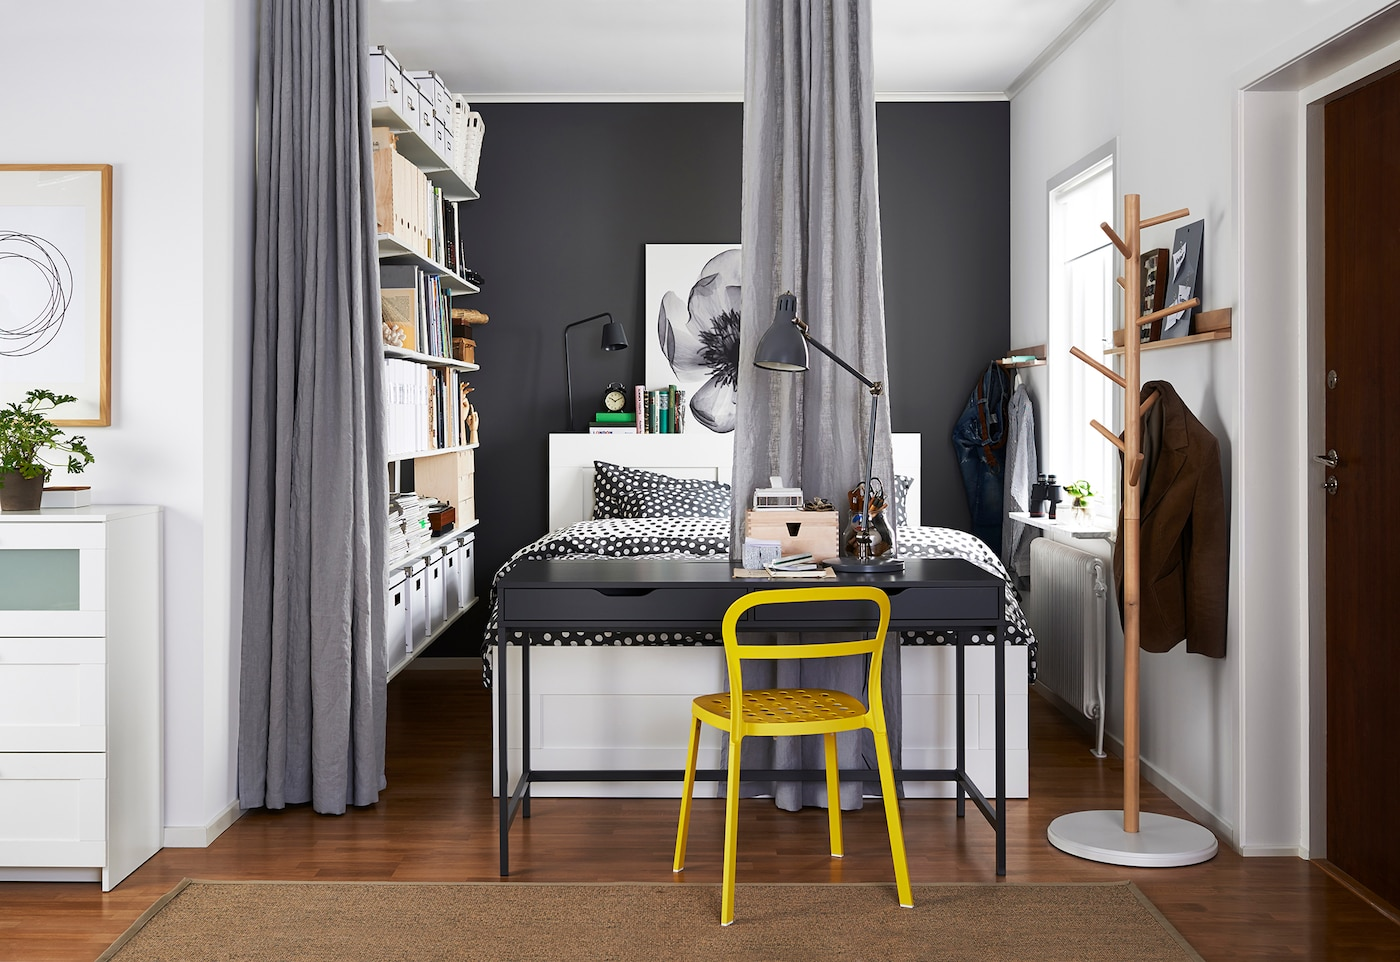 Schlafbereich abgrenzen: inspirierende Ideen - IKEA Deutschland